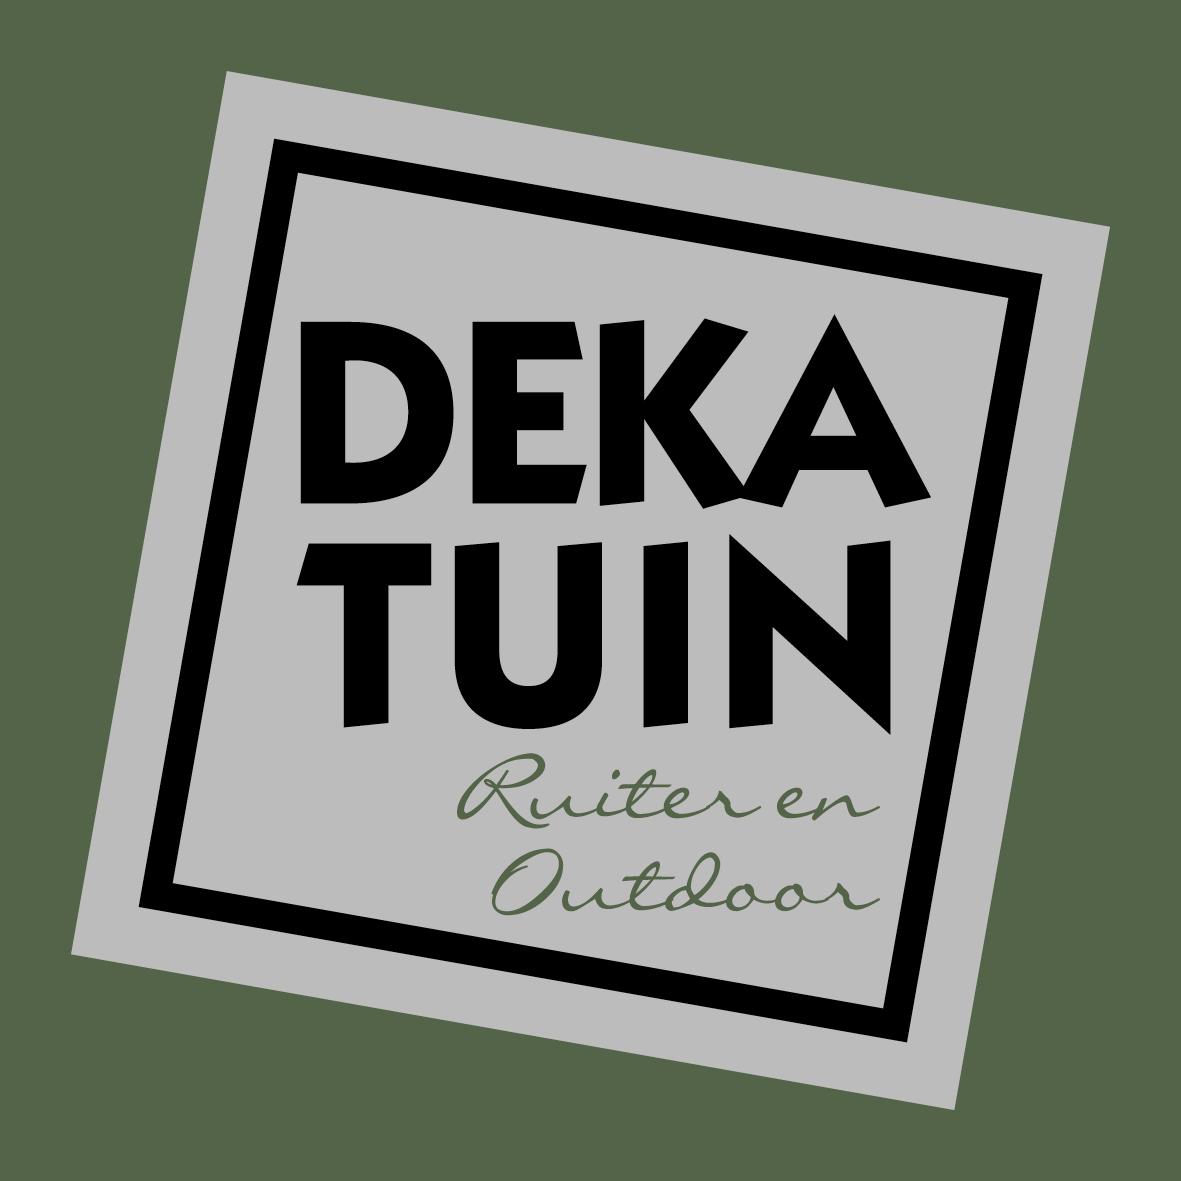 Logo Deka Ruiter en Outdoor